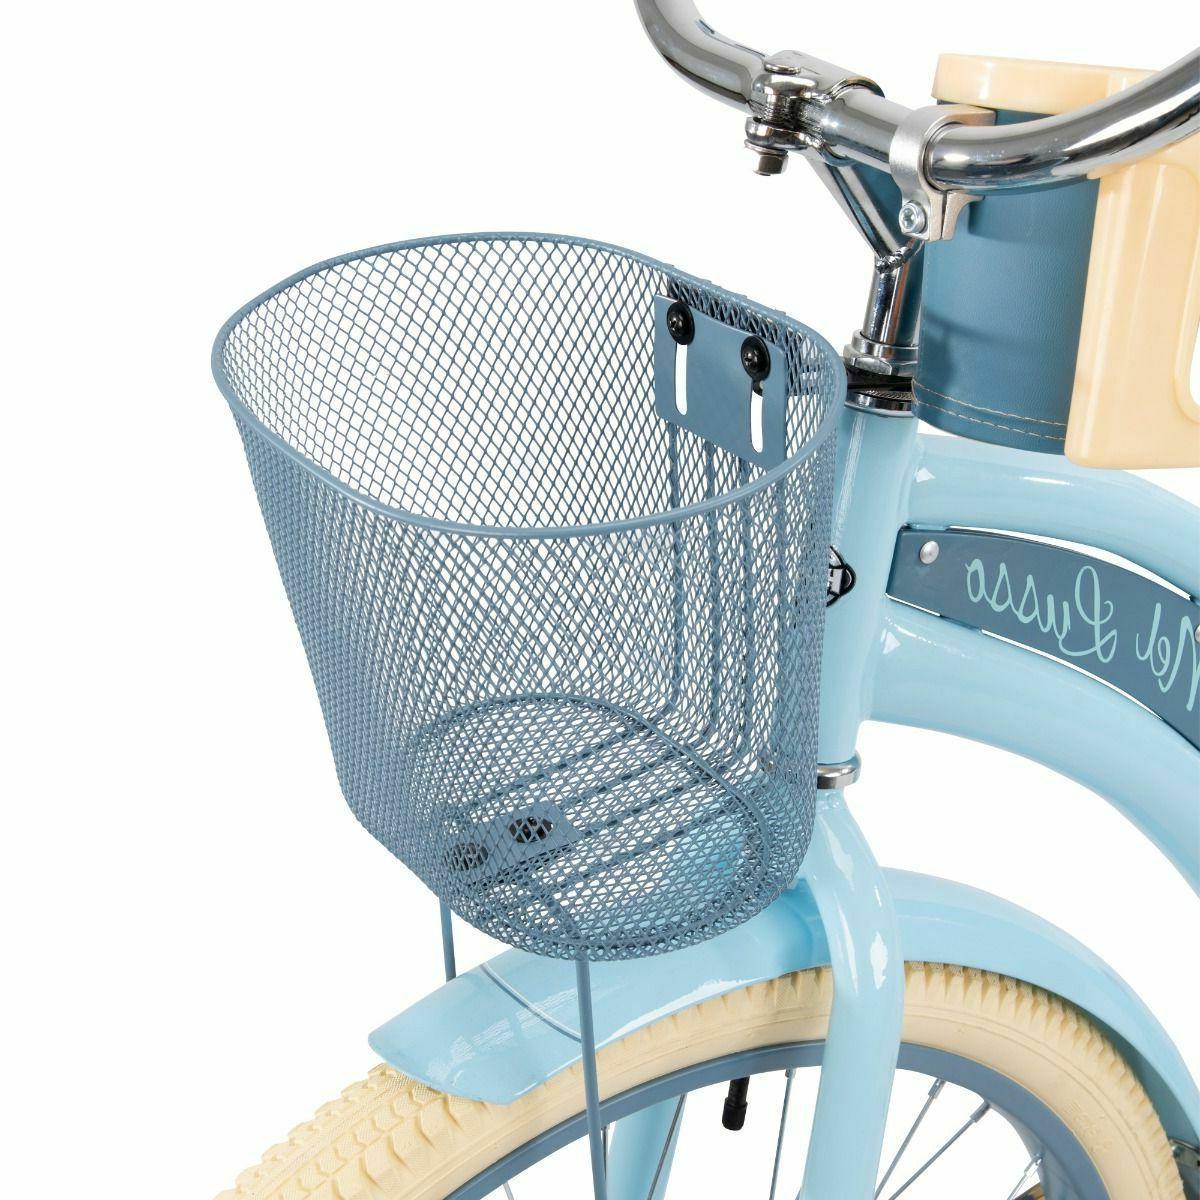 Huffy 26-Inch Nel Women's Beach Bike 56579P7 Light In-Box